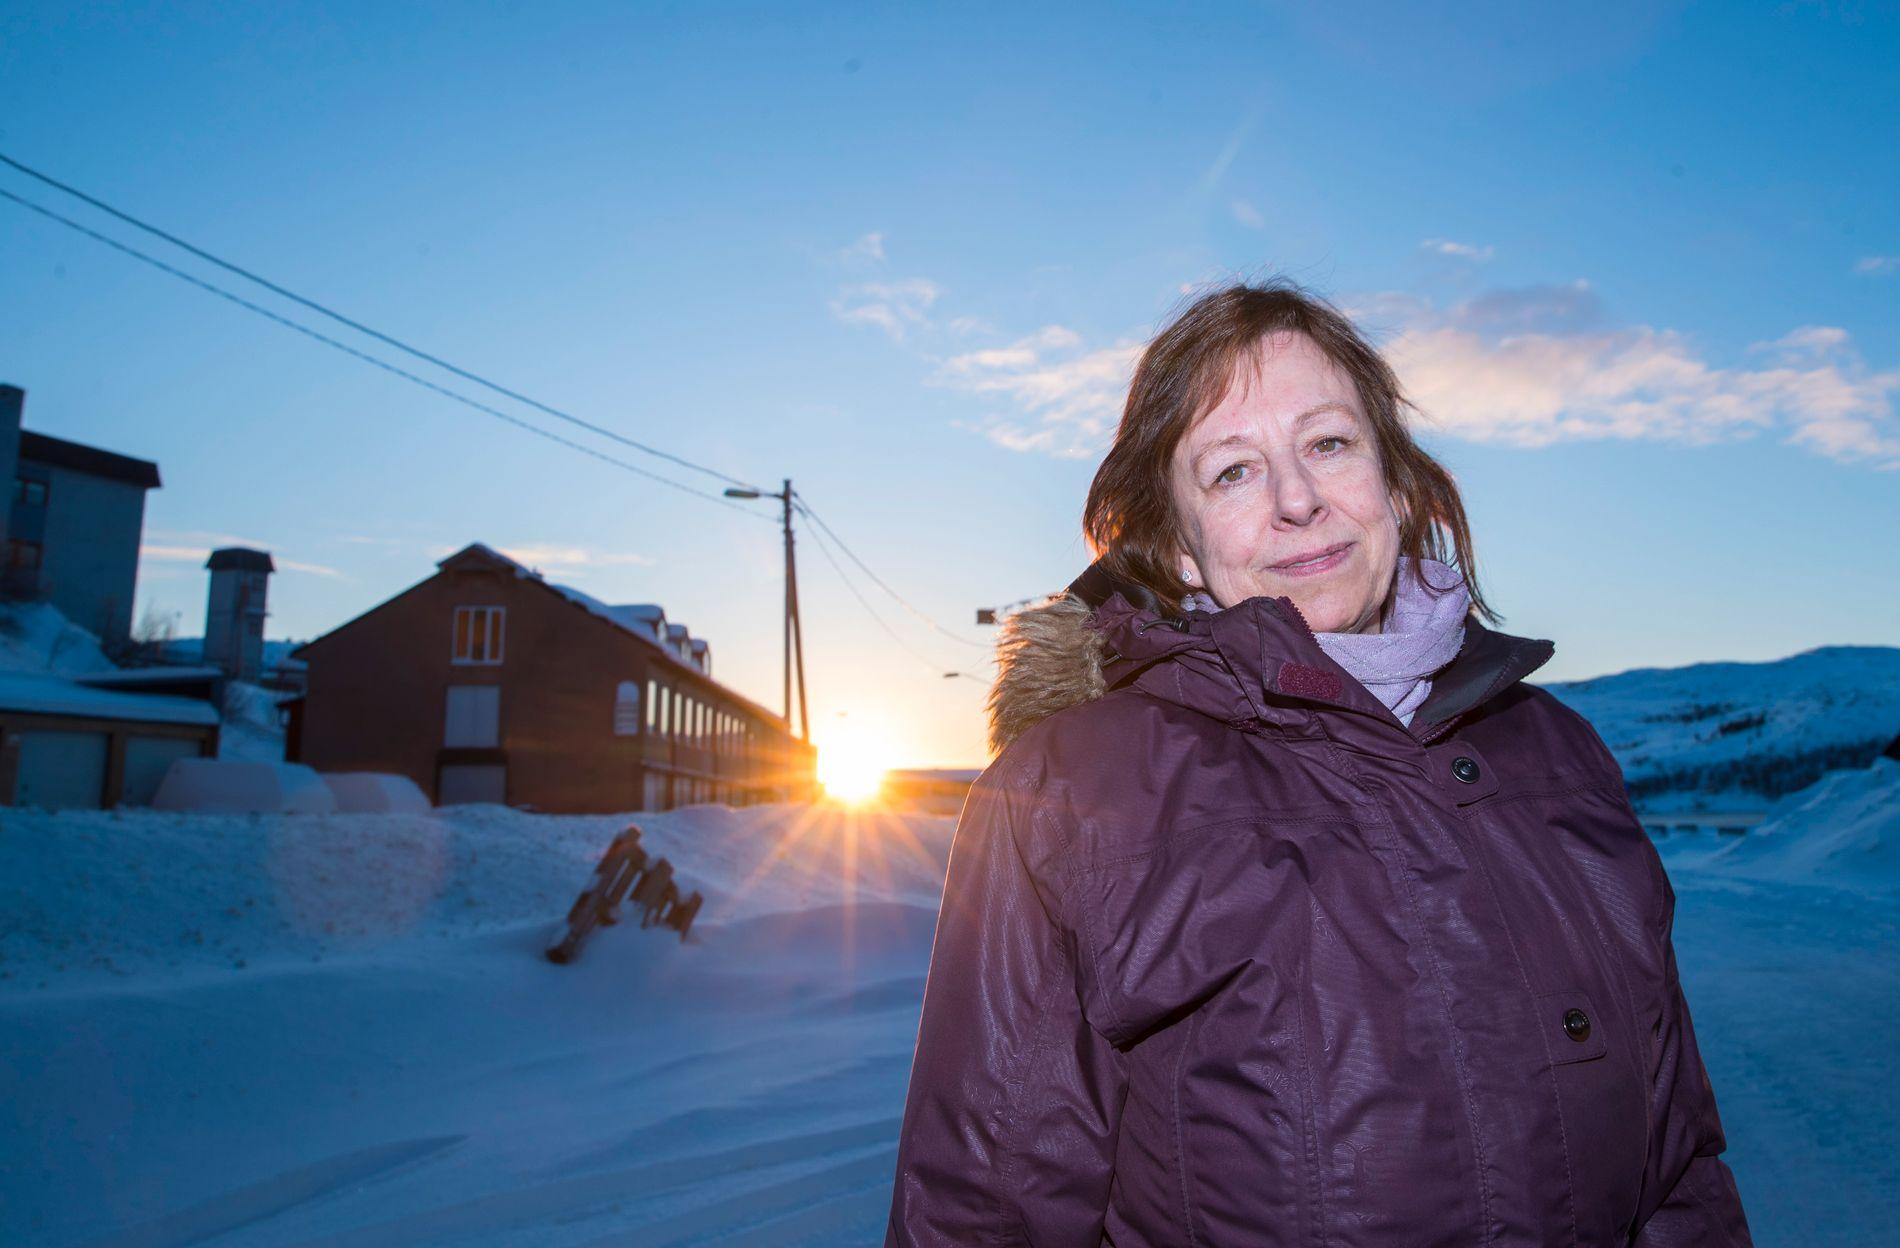 MISTET KONTAKT MED MANNEN: Frode Bergs kone, Anita Berg, sier at hun tror mannen hennes har det vanskelig. – Saken er alvorlig.